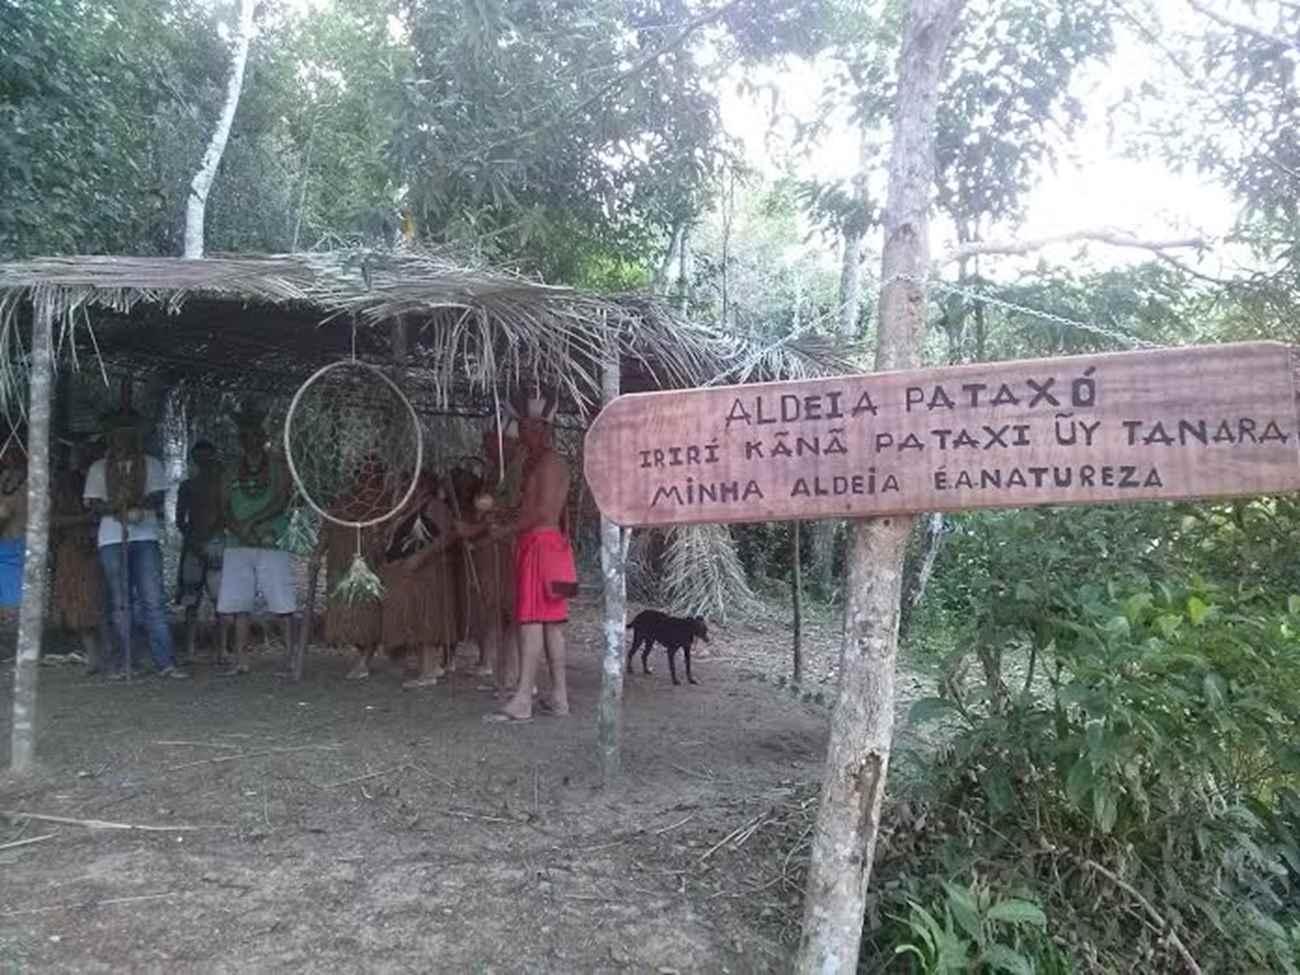 aldeia pataxo paraty2